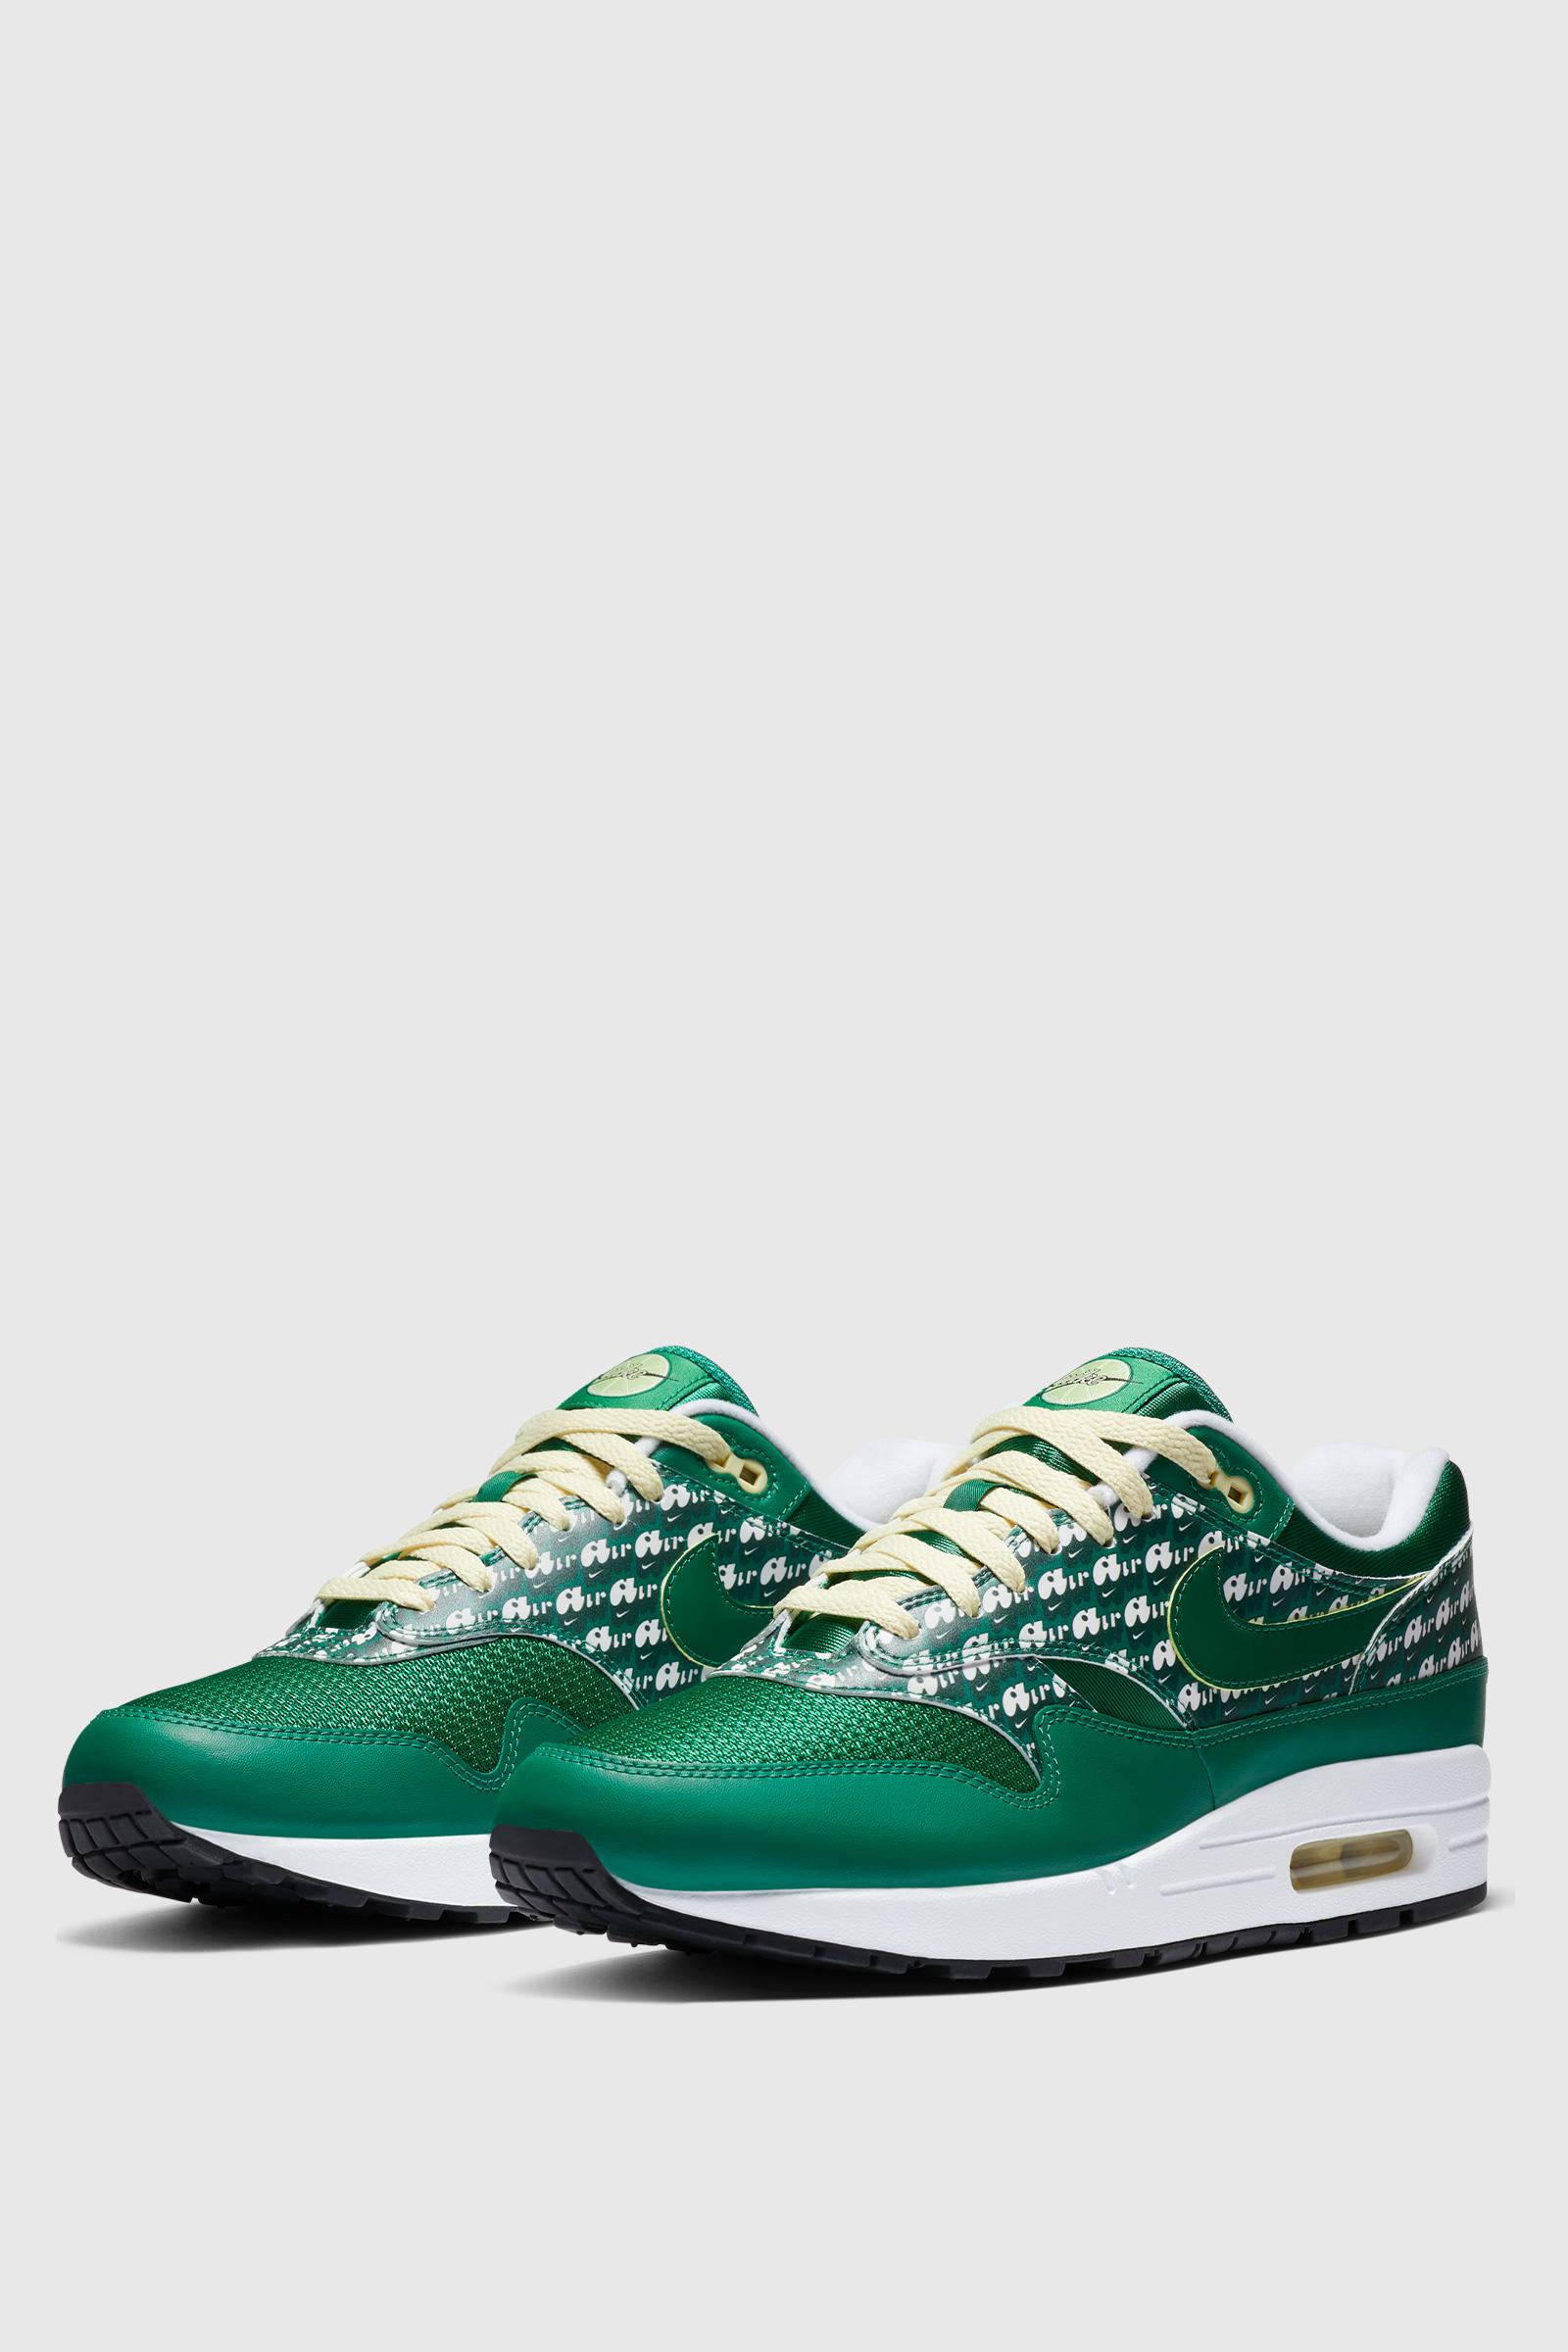 Wood Wood - Nike Air Max 1 Prm 'Pine Green'